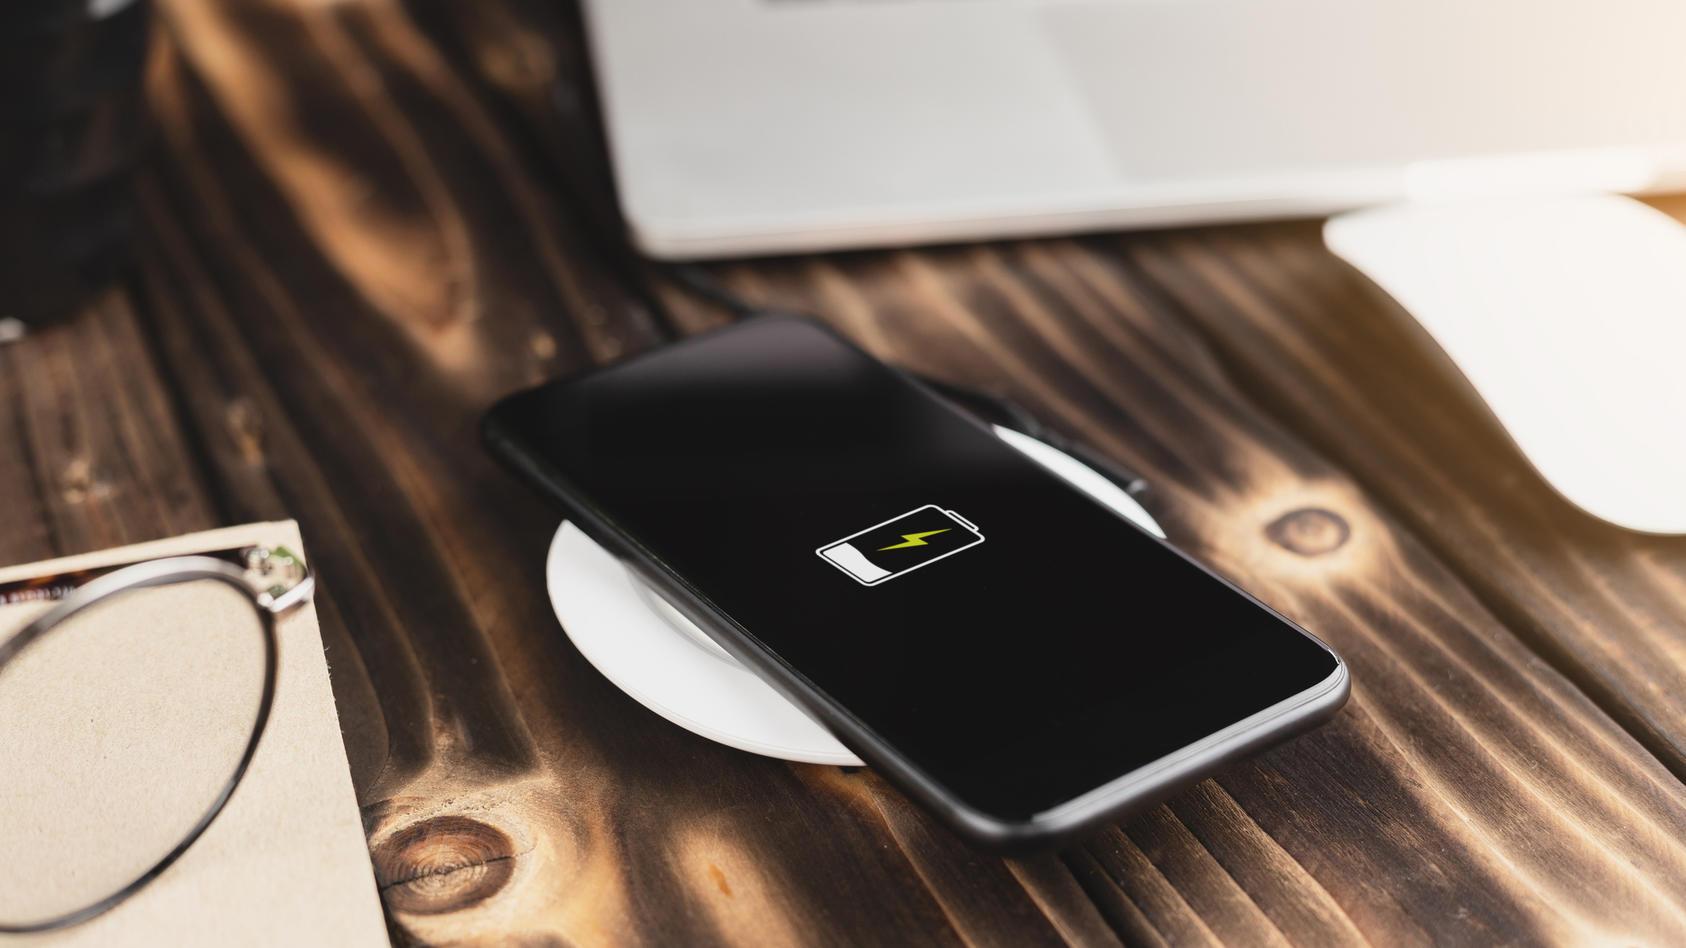 Äußerst praktisch, schadet aber langfristig dem Smartphone-Akku: Kabelloses Aufladen via Aufladegerät.